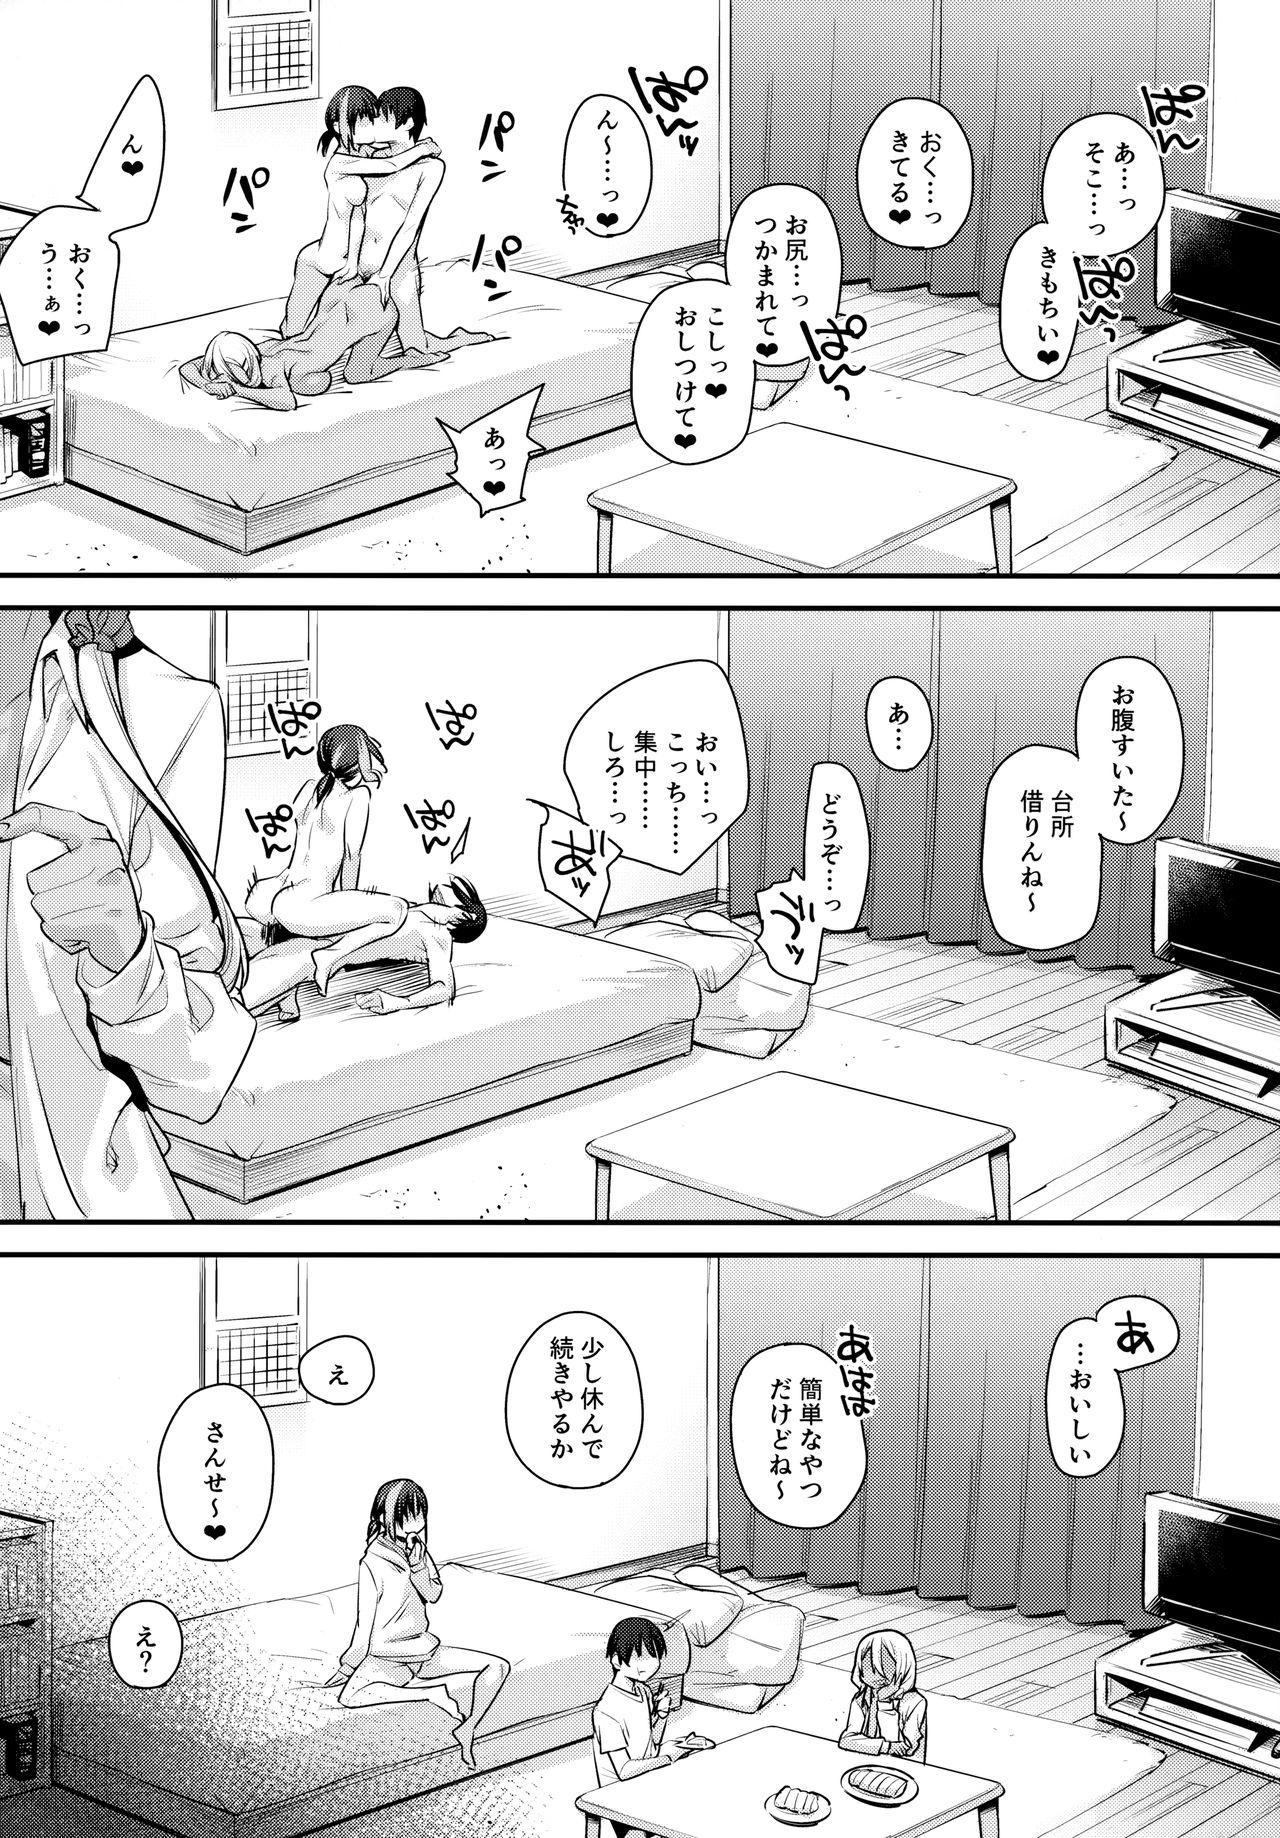 Boku no Ie ga Class no Furyou Musume ni Iribitararete iru Ken. 2 40